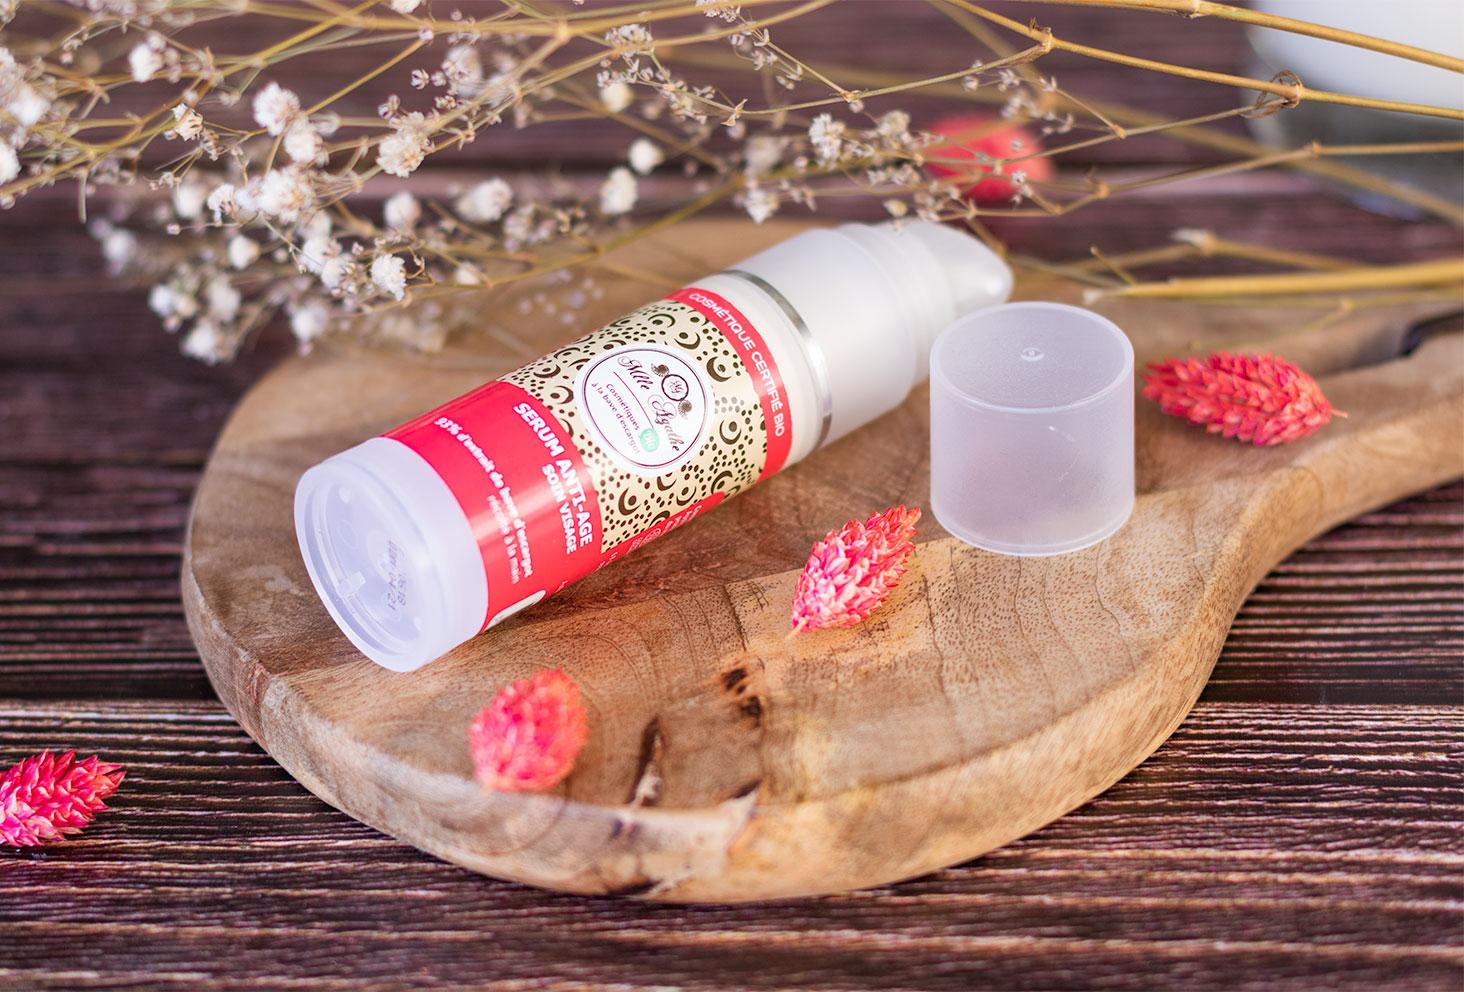 Le sérum anti-âge de Mlle Agathe, couché et ouvert, sur une planche à découper au milieu de fleurs séchées roses et blanches